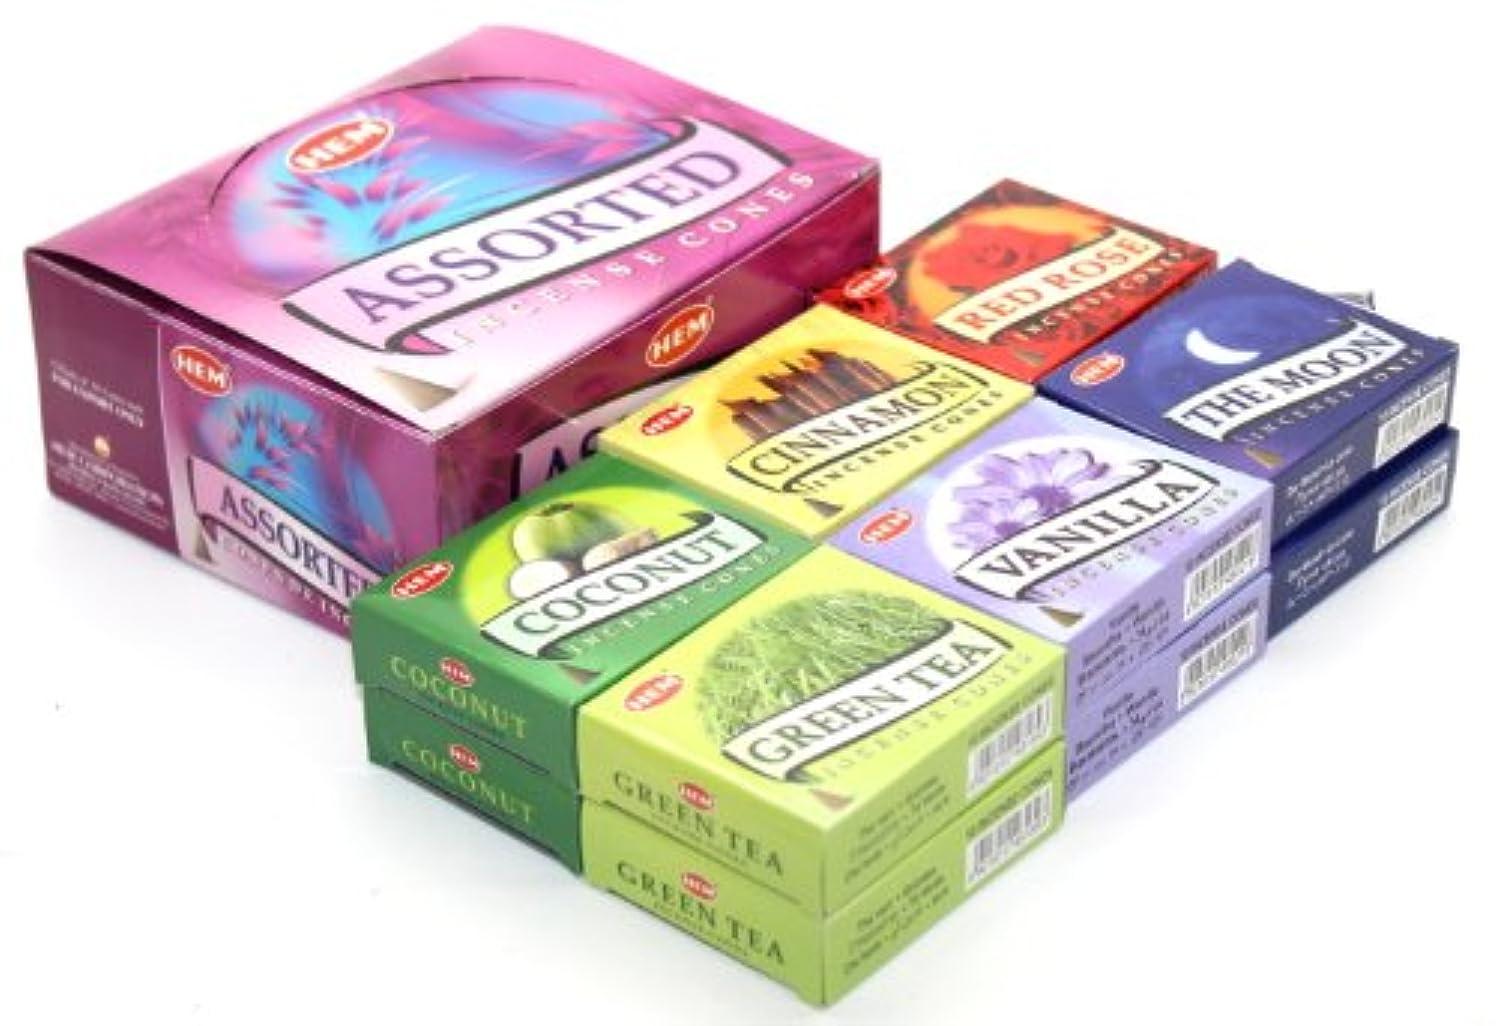 ありふれたカトリック教徒同情HEM Assorted Incense Cones - 12 Packs of 10 Cones Each - With 6 Different Scents: Vanilla, Cinnamon, The Moon,...